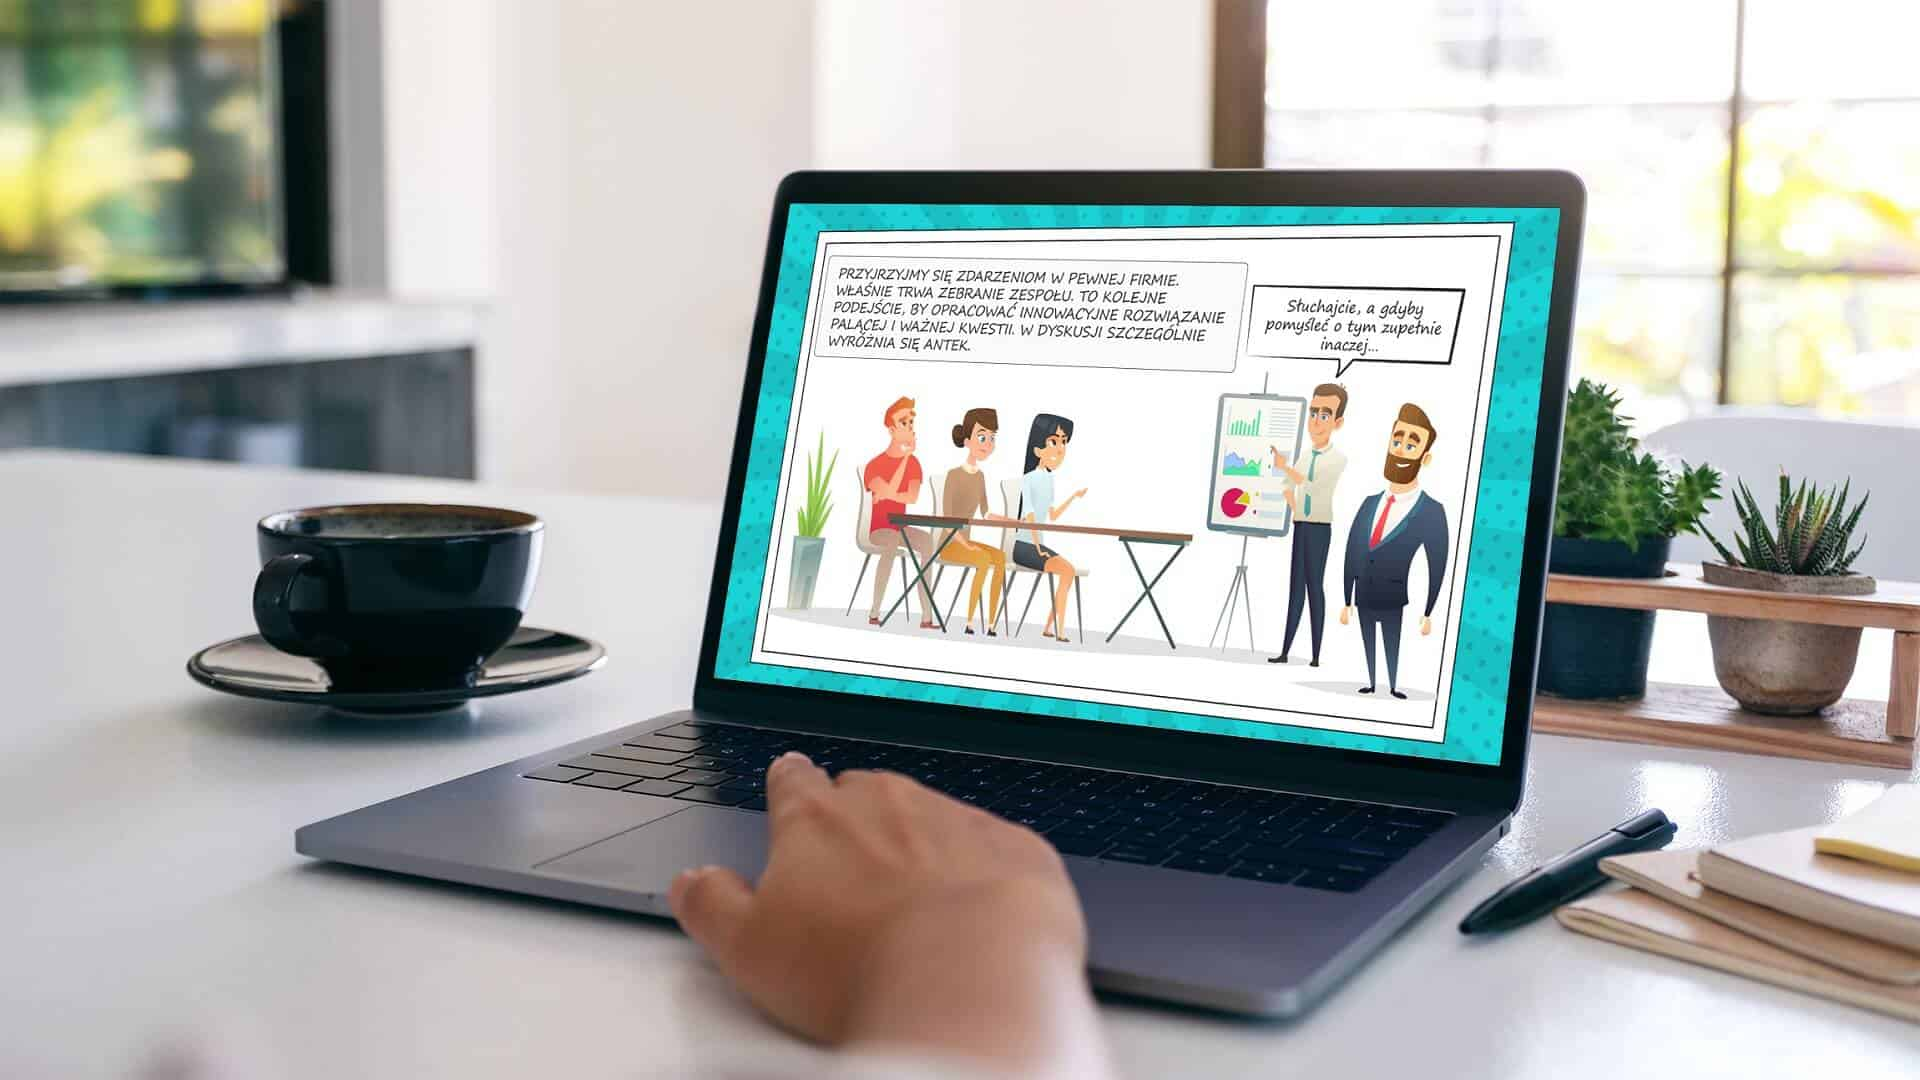 Proaktywność w pracy - nowe szkolenie na platformie e-learningowej Dolineo